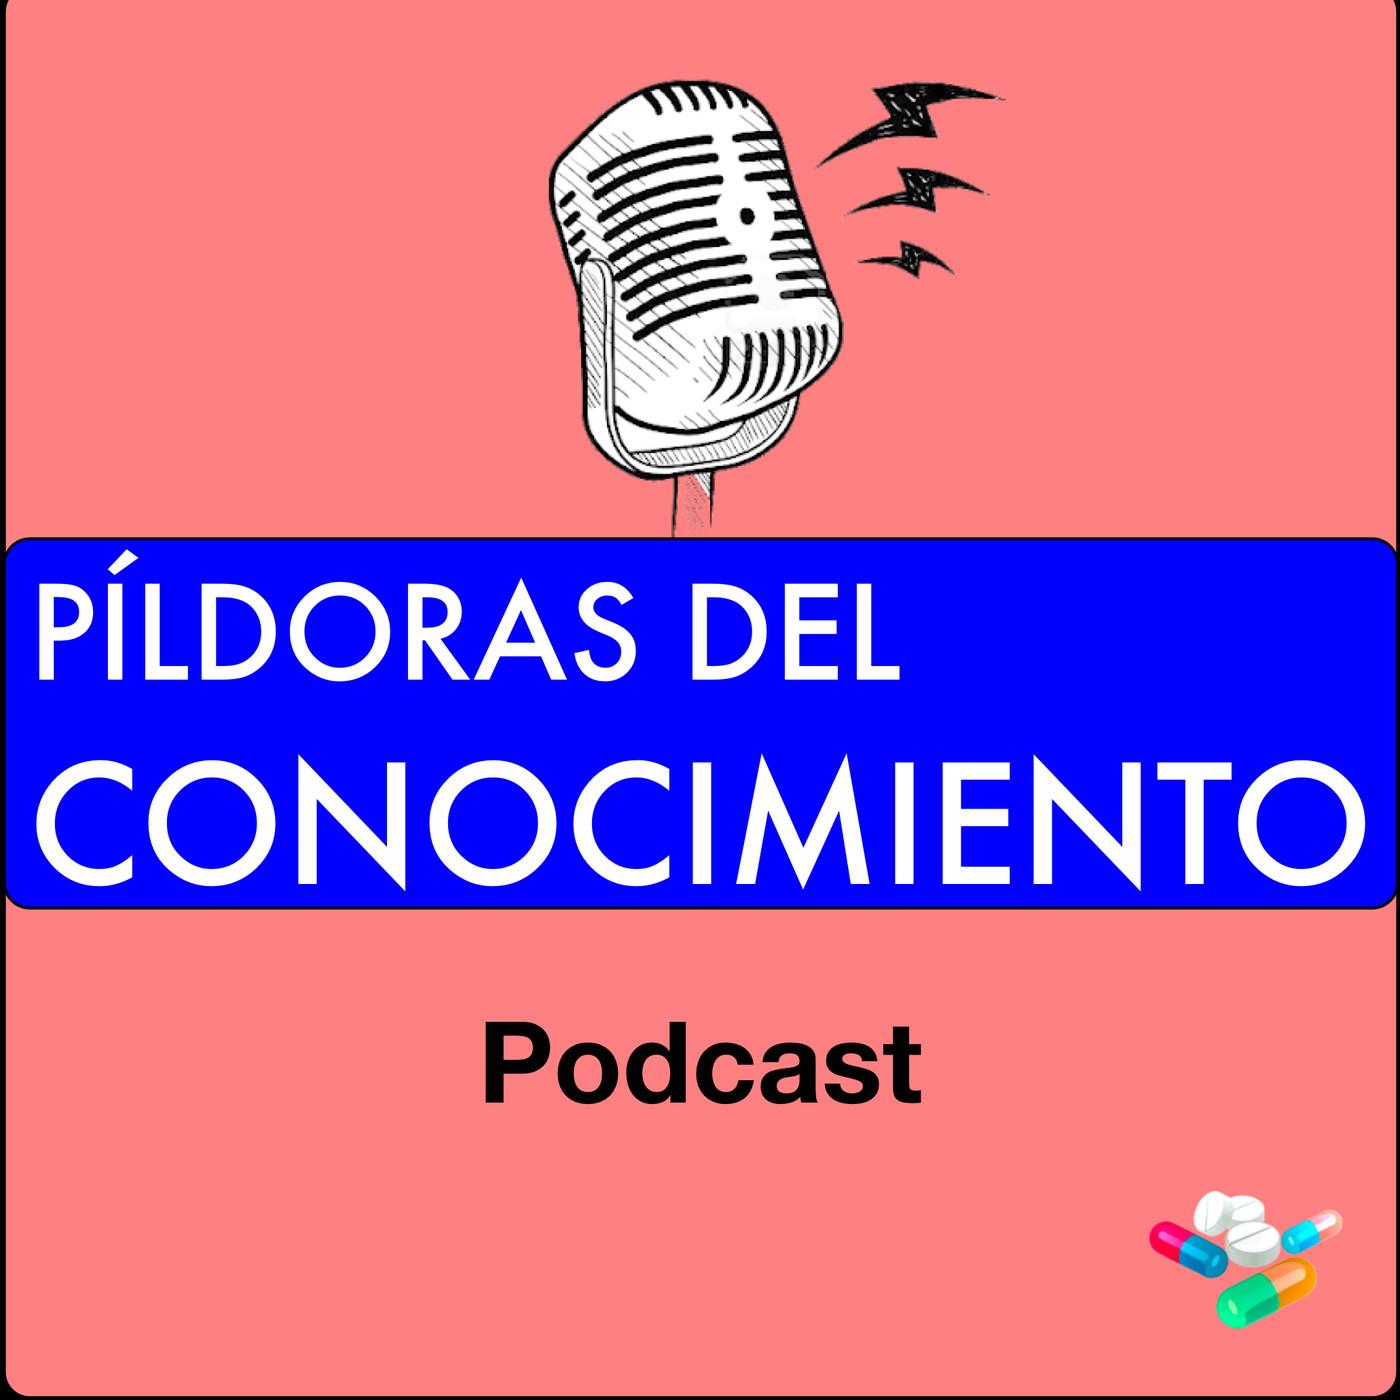 Logotipo del Podcast Pildoras del Conocimiento